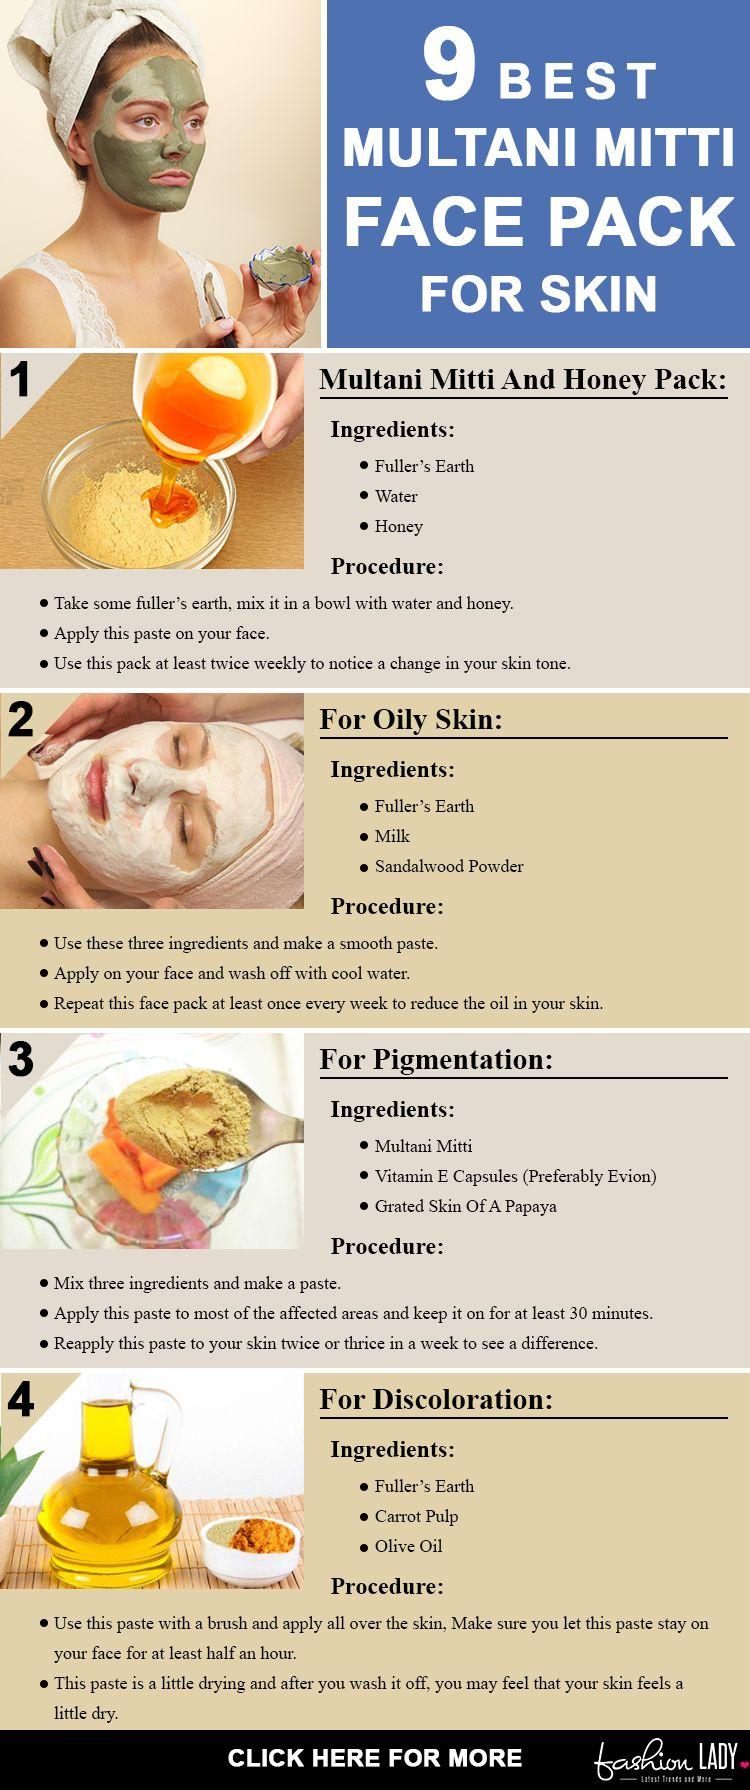 10 Best Multani Mitti Face Pack For Skin  Multani mitti face pack